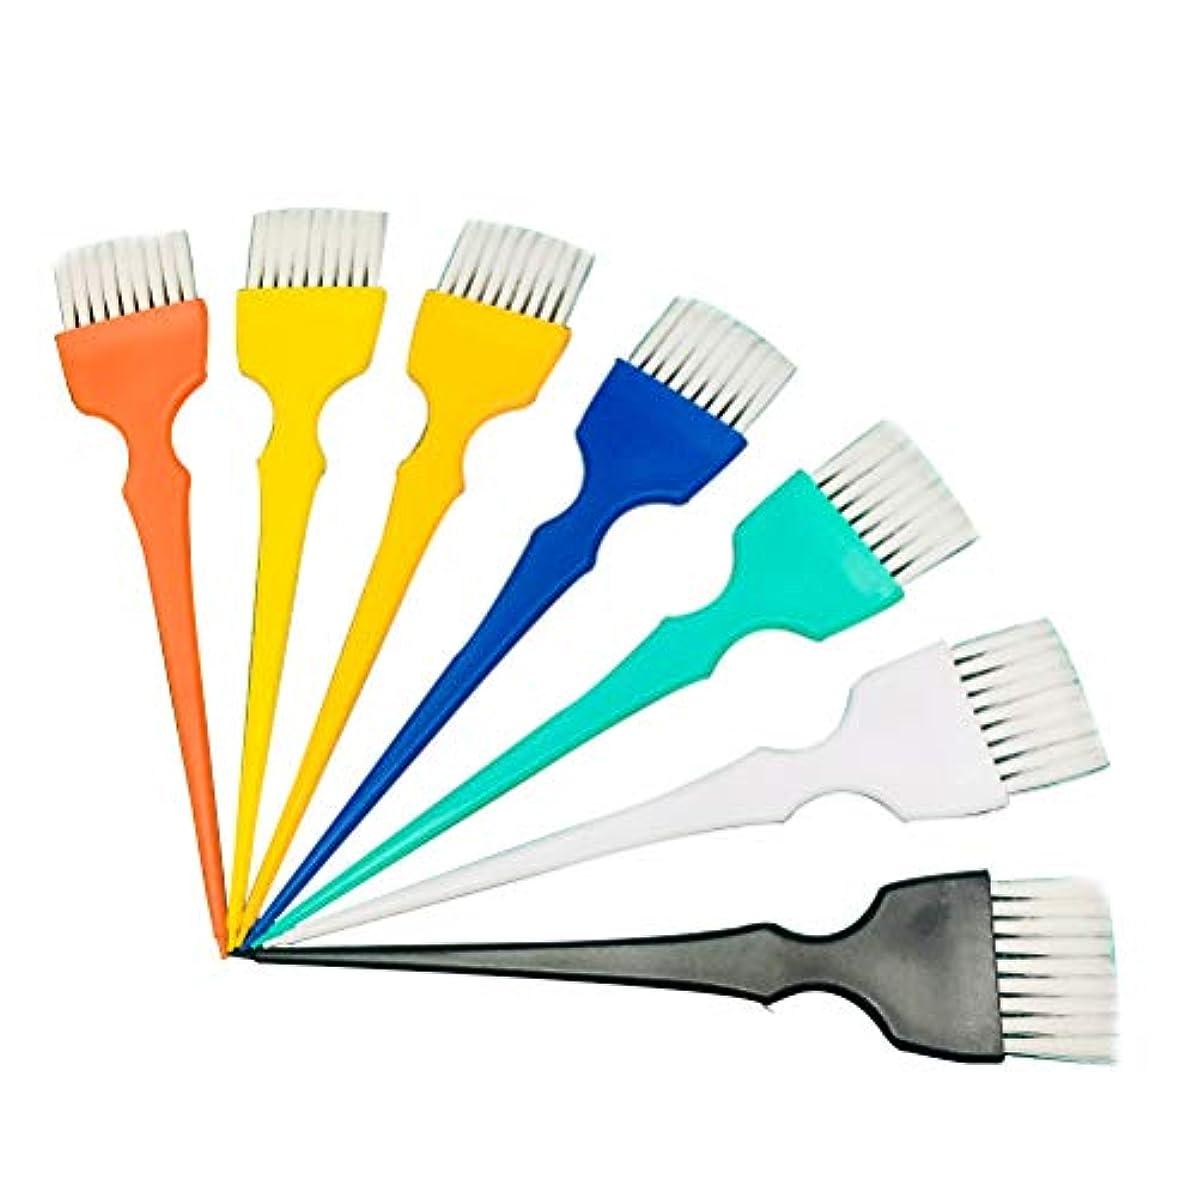 暴動許容できるボウリングBeaupretty 7本染毛ブラシプラスチックソフトブラシヘアカラーブラシ美容院用(ランダムカラー)